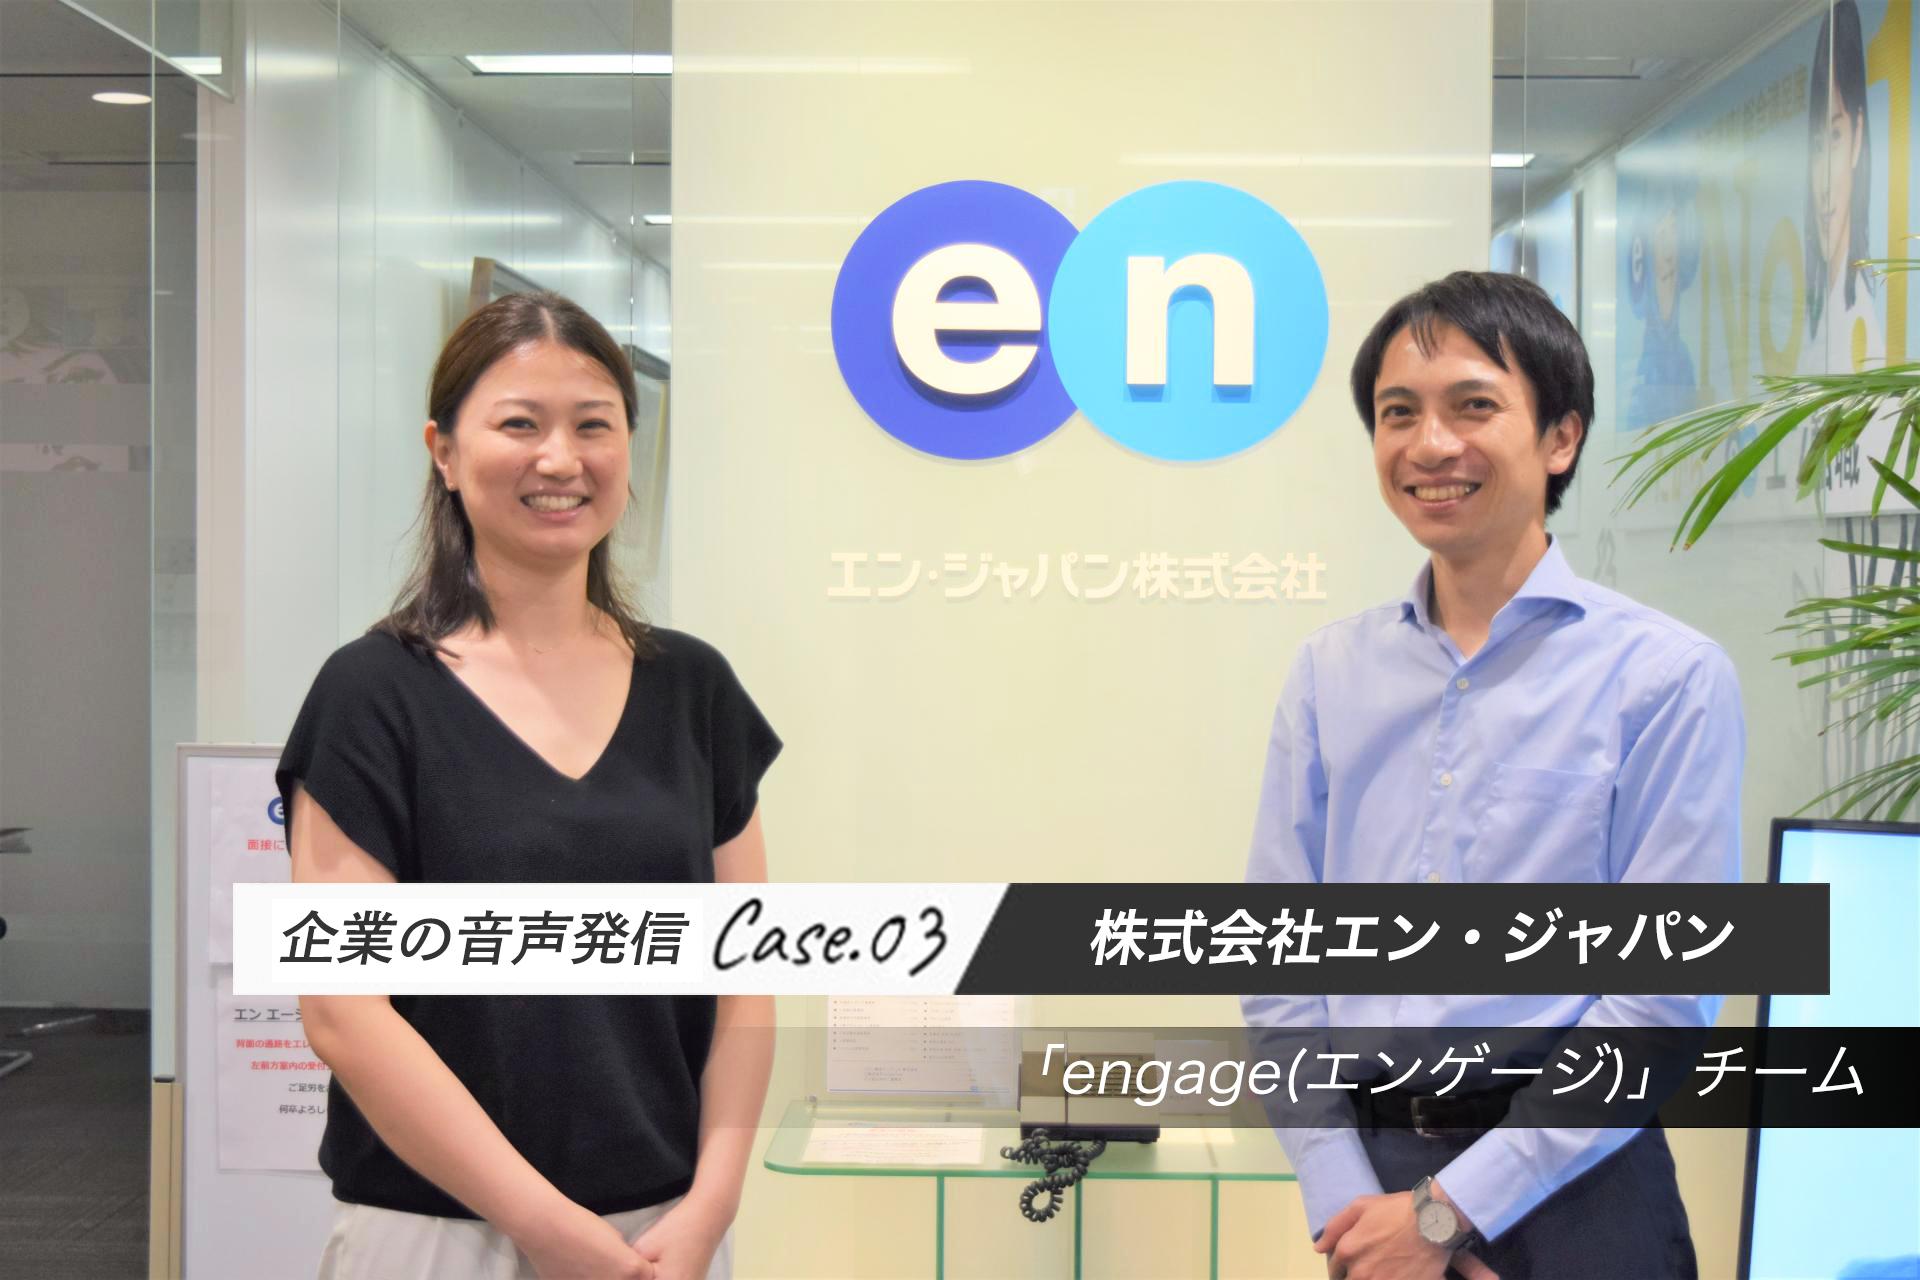 エン・ジャパンの「engage(エンゲージ)」チームが社員エンゲージメント向上に使った「社内ラジオ」って何のこと?